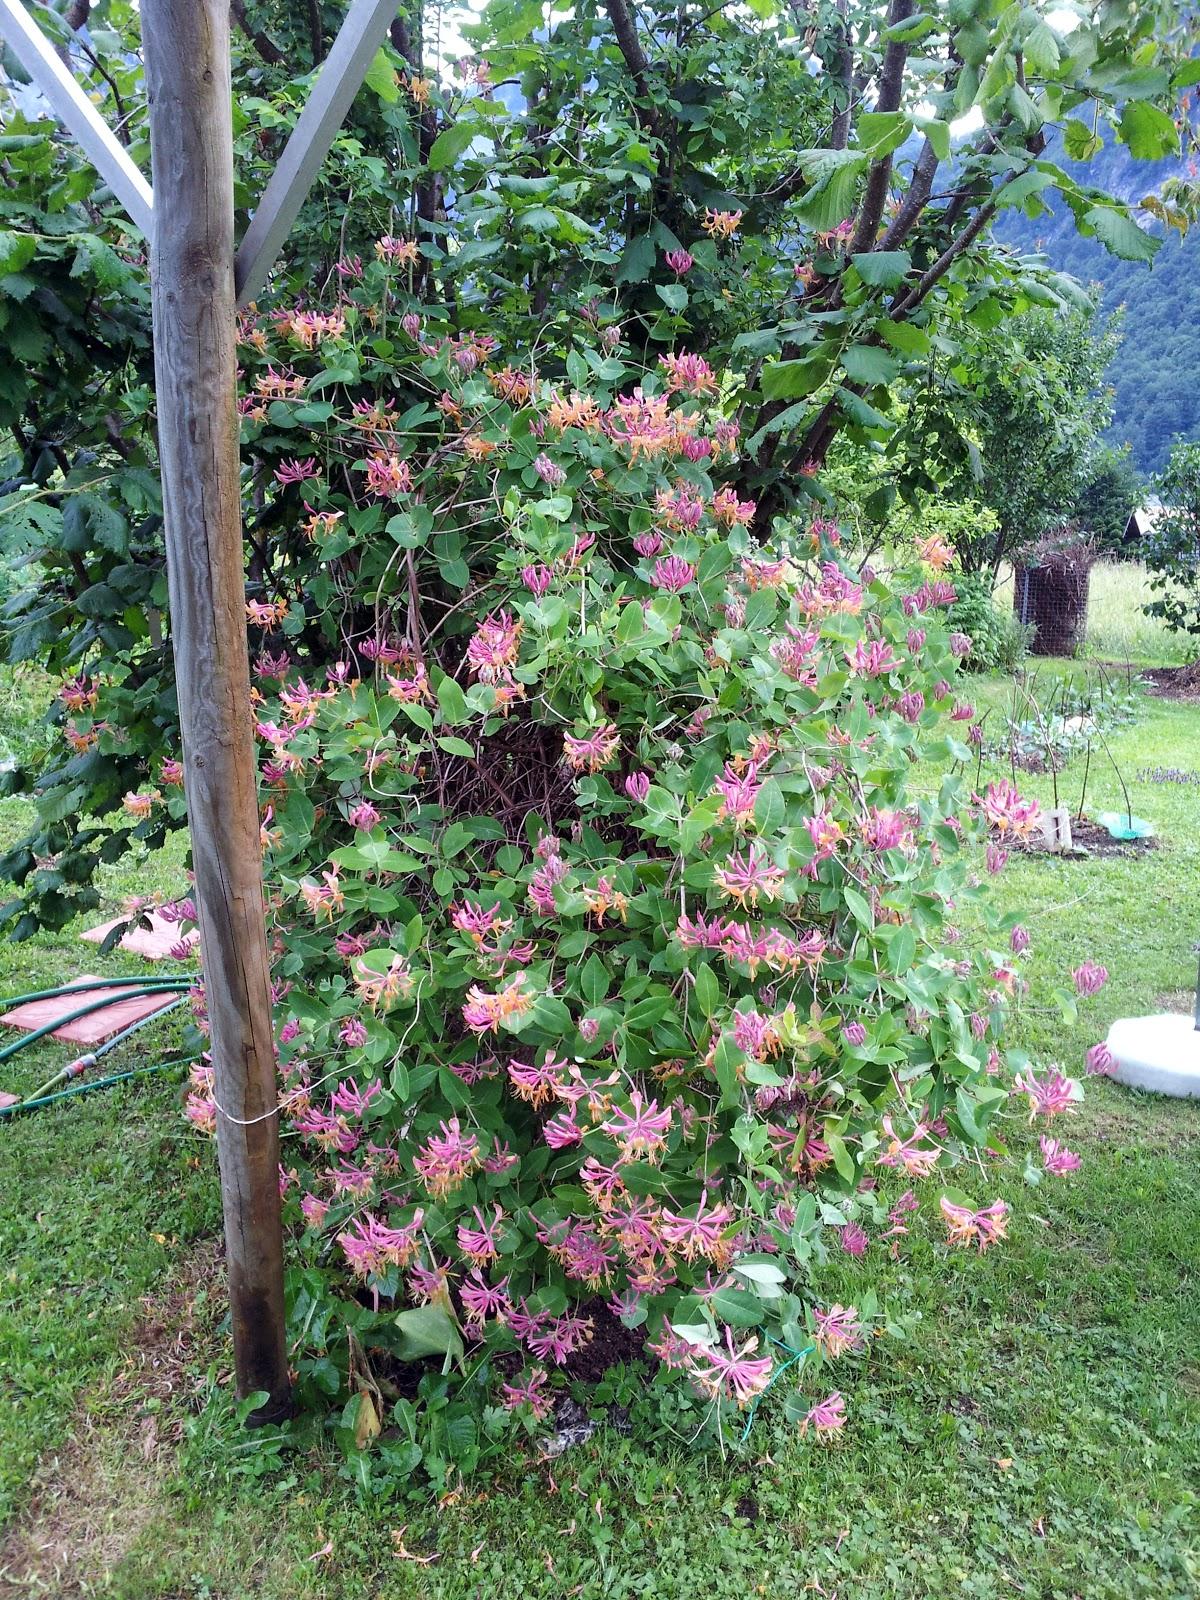 Le potager d 39 andr e 2014 juin 20 floraison abondante for Juin au jardin